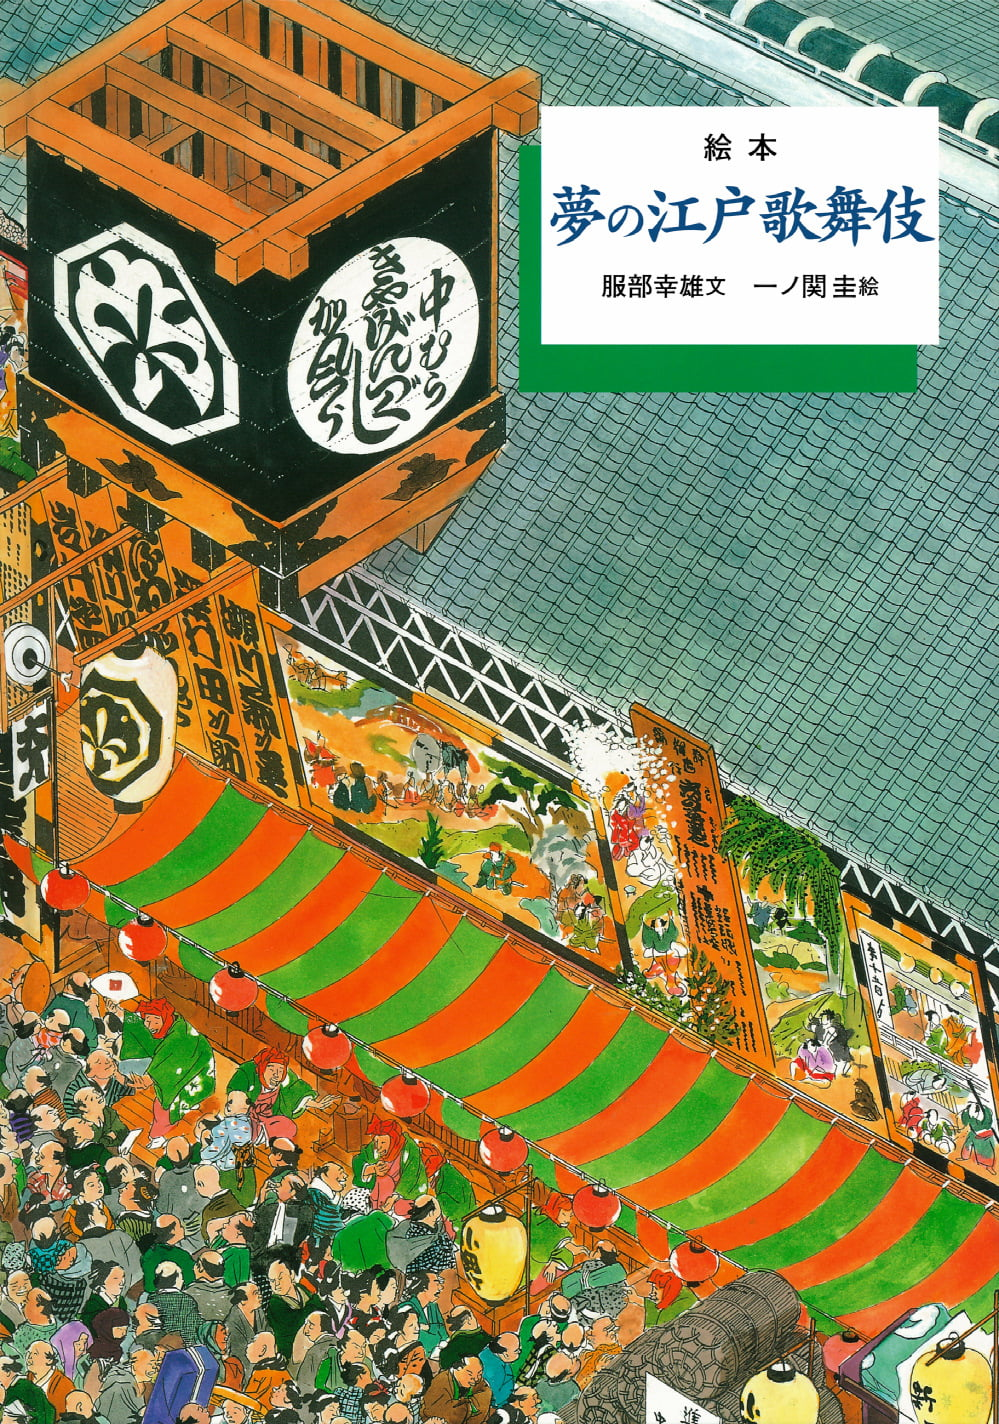 絵本「夢の江戸歌舞伎」の表紙